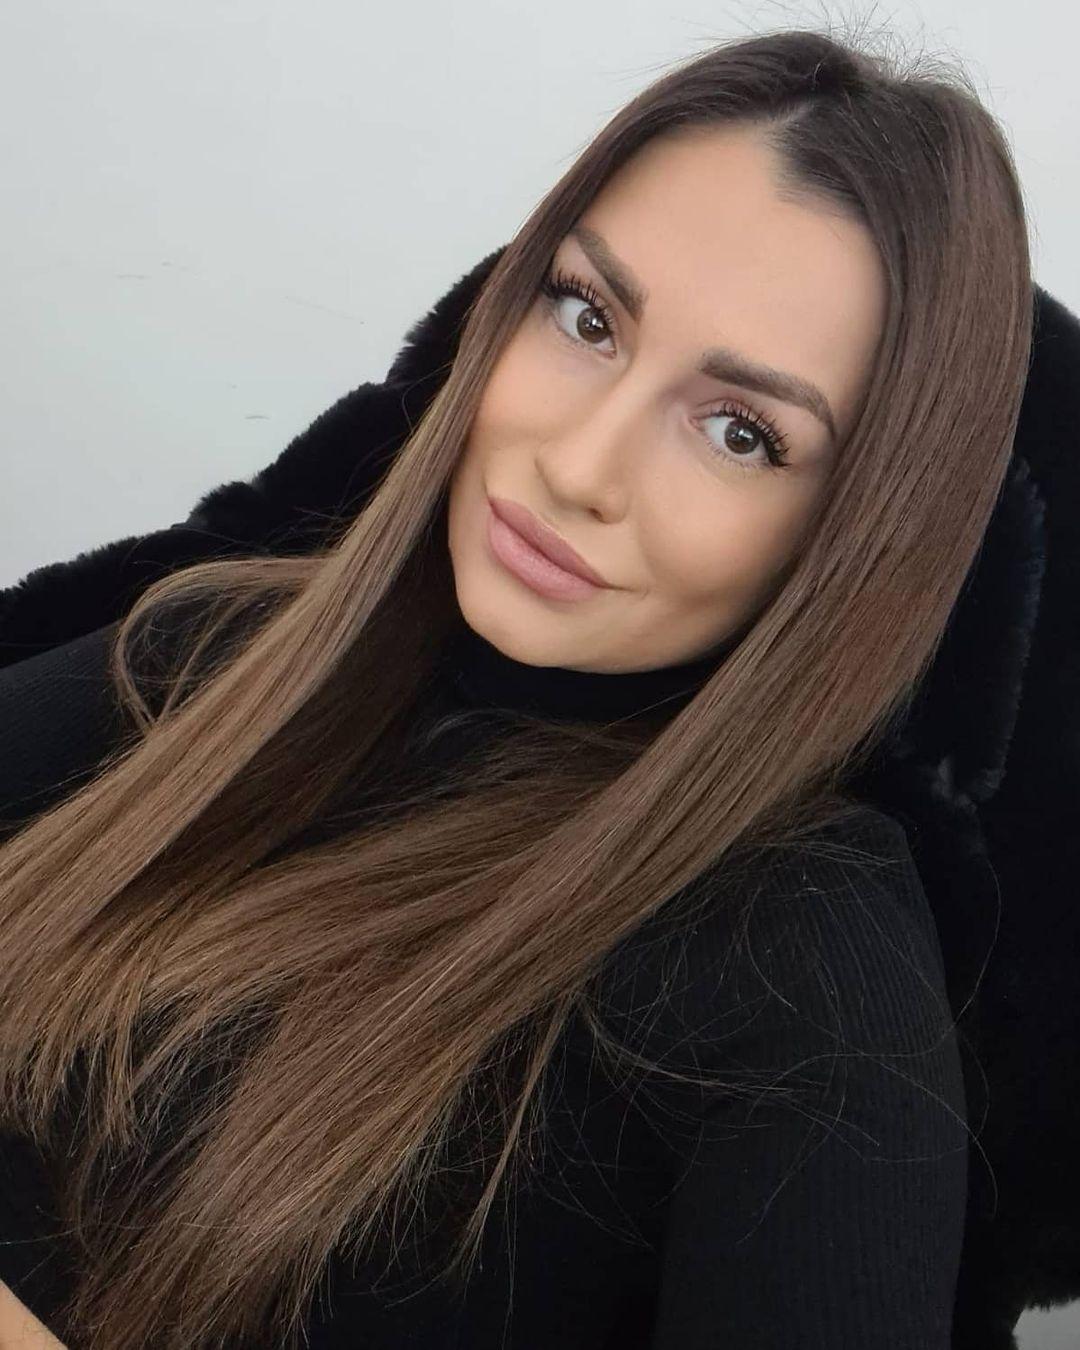 Simona-Ella-Breckova-Wallpapers-Insta-Fit-Bio-6